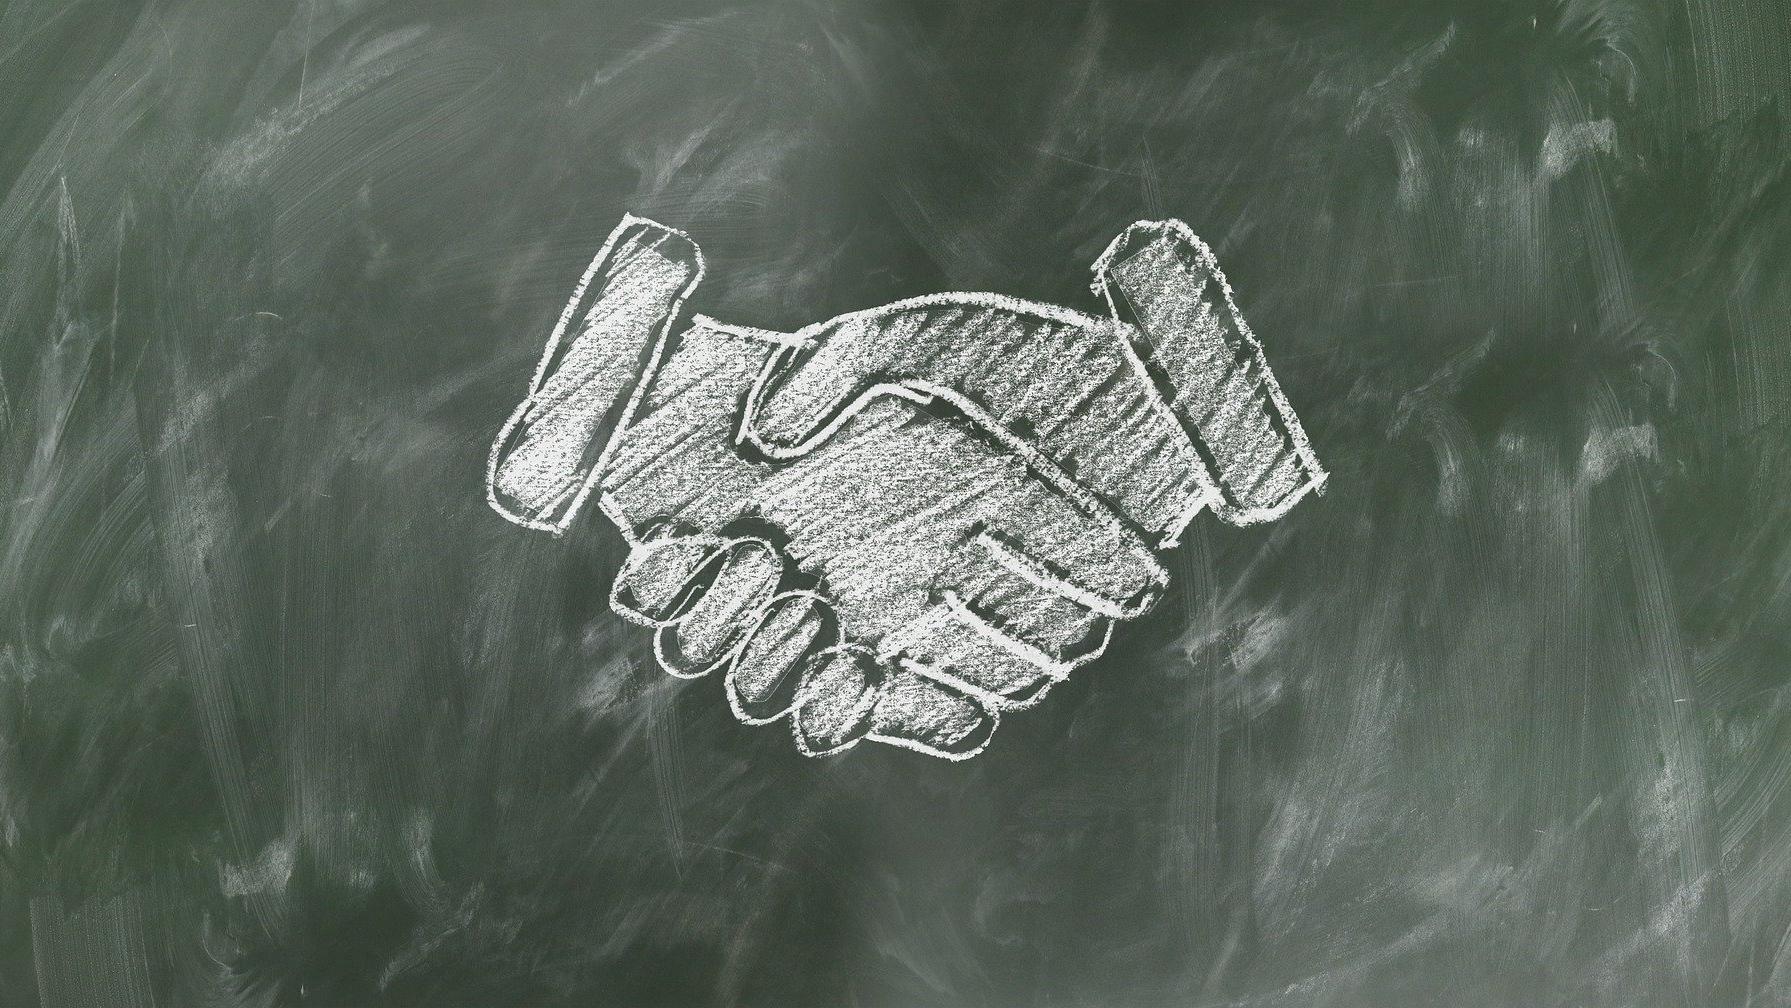 付き合ってはいけない人と、積極的に付き合うべき人